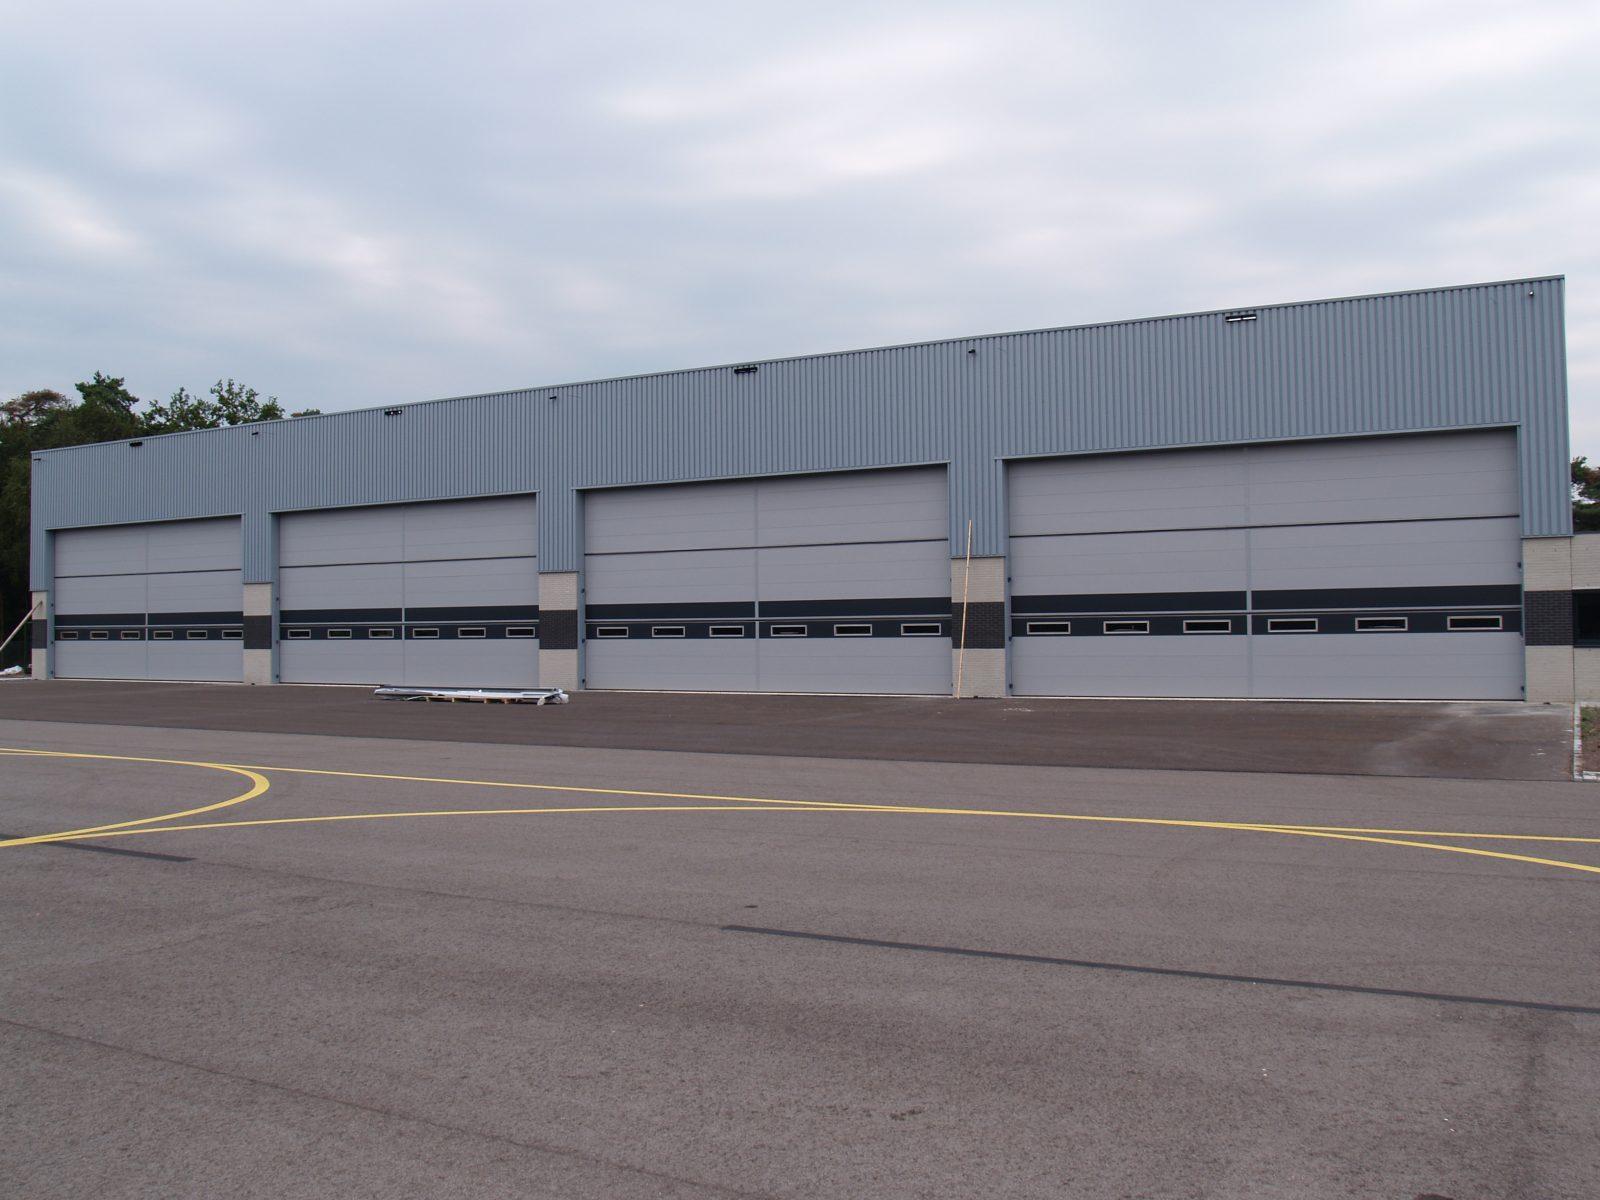 Large Burglar Resistant Overheaddoors   Protec Industrial Doors